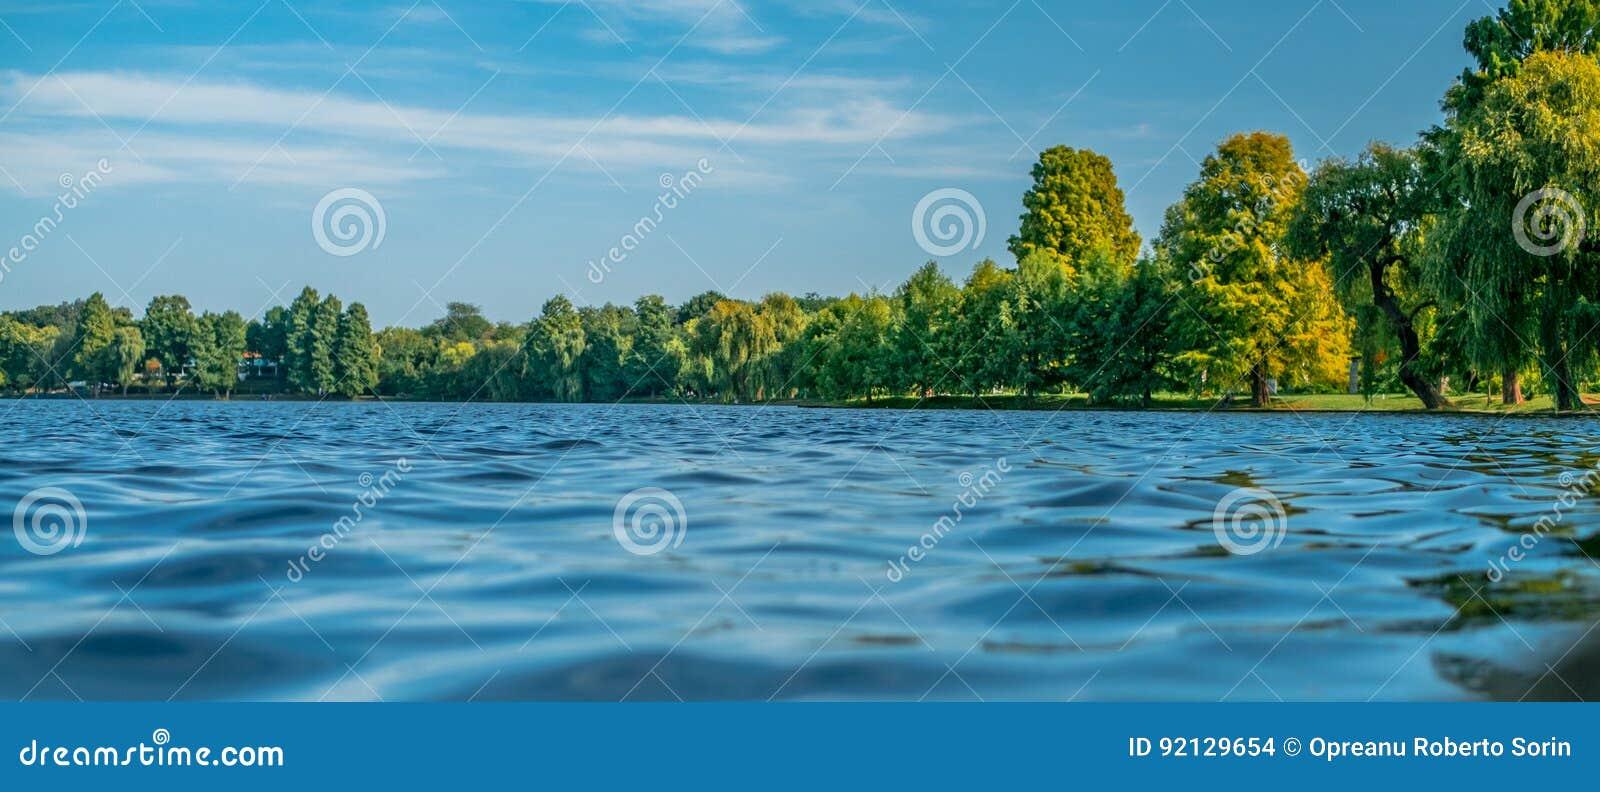 Сцена лета на озере